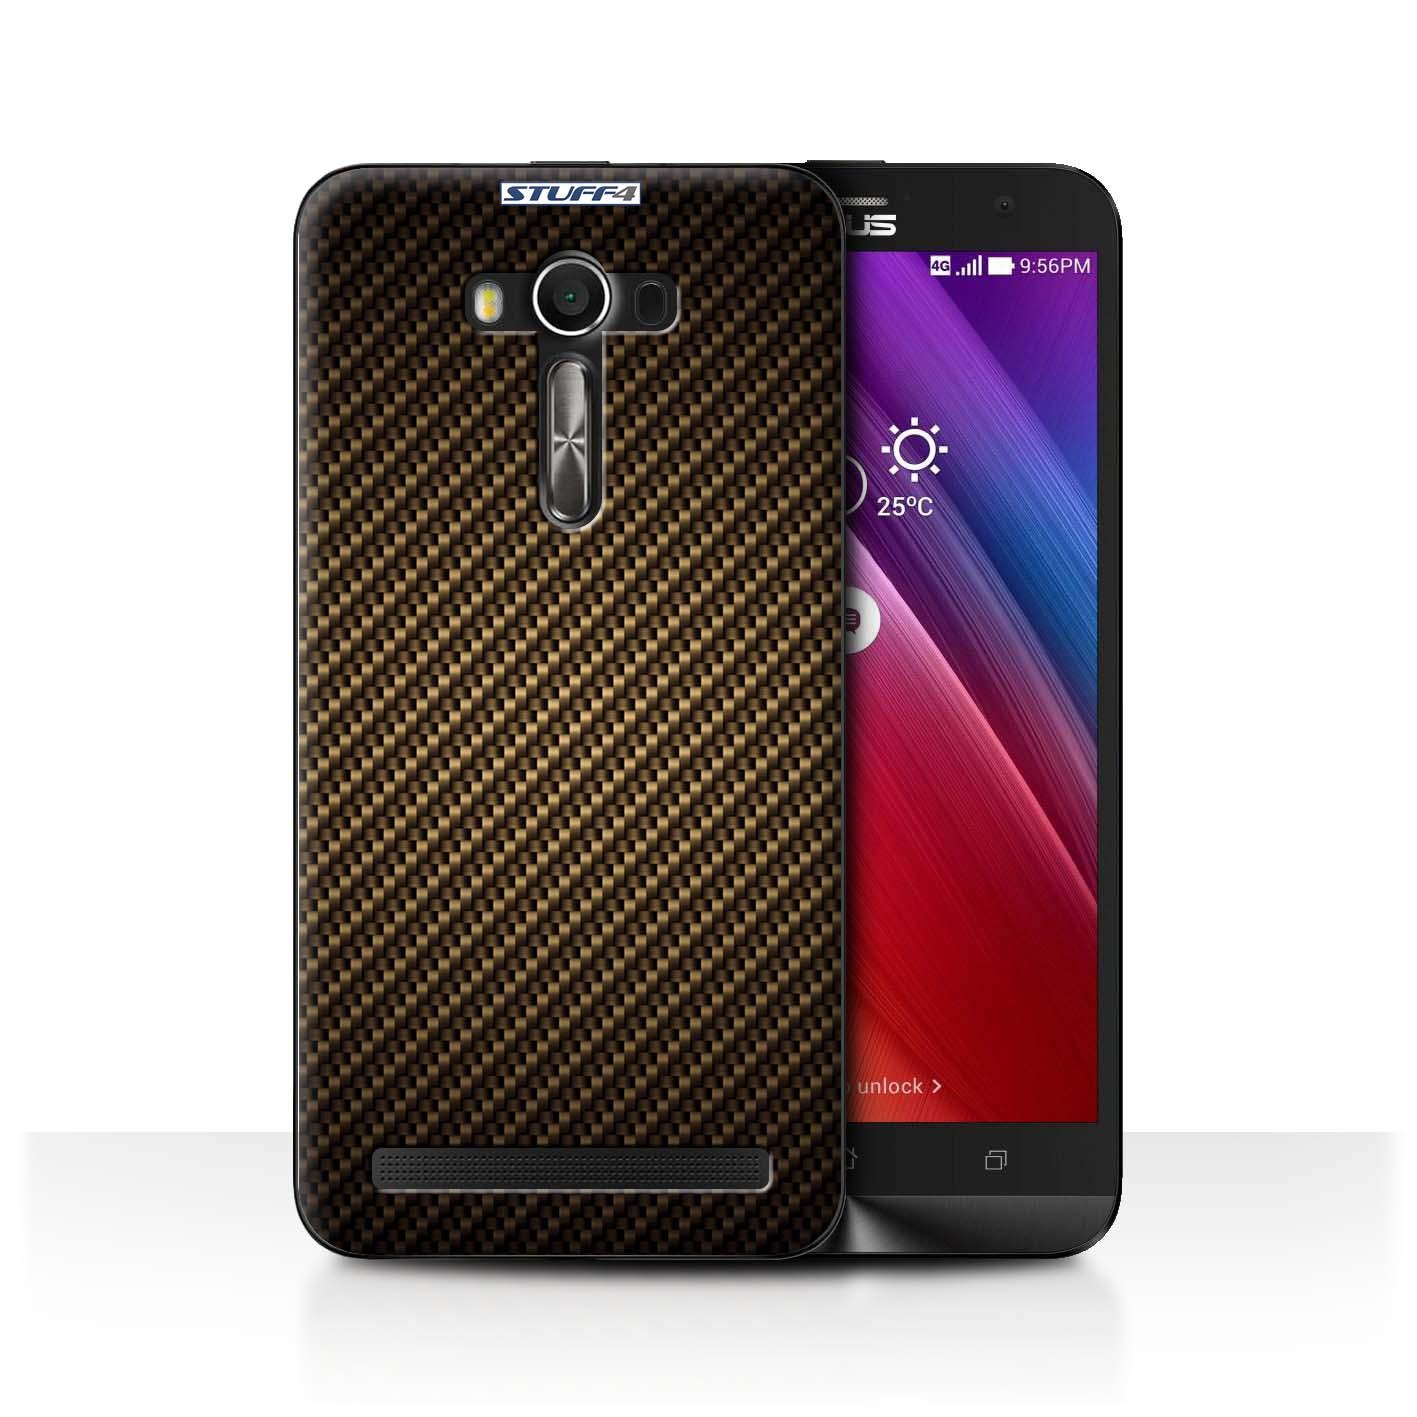 STUFF4-Case-Cover-for-Asus-Zenfone-2-Laser-ZE550KL-Carbon-Fibre-Effect-Pattern